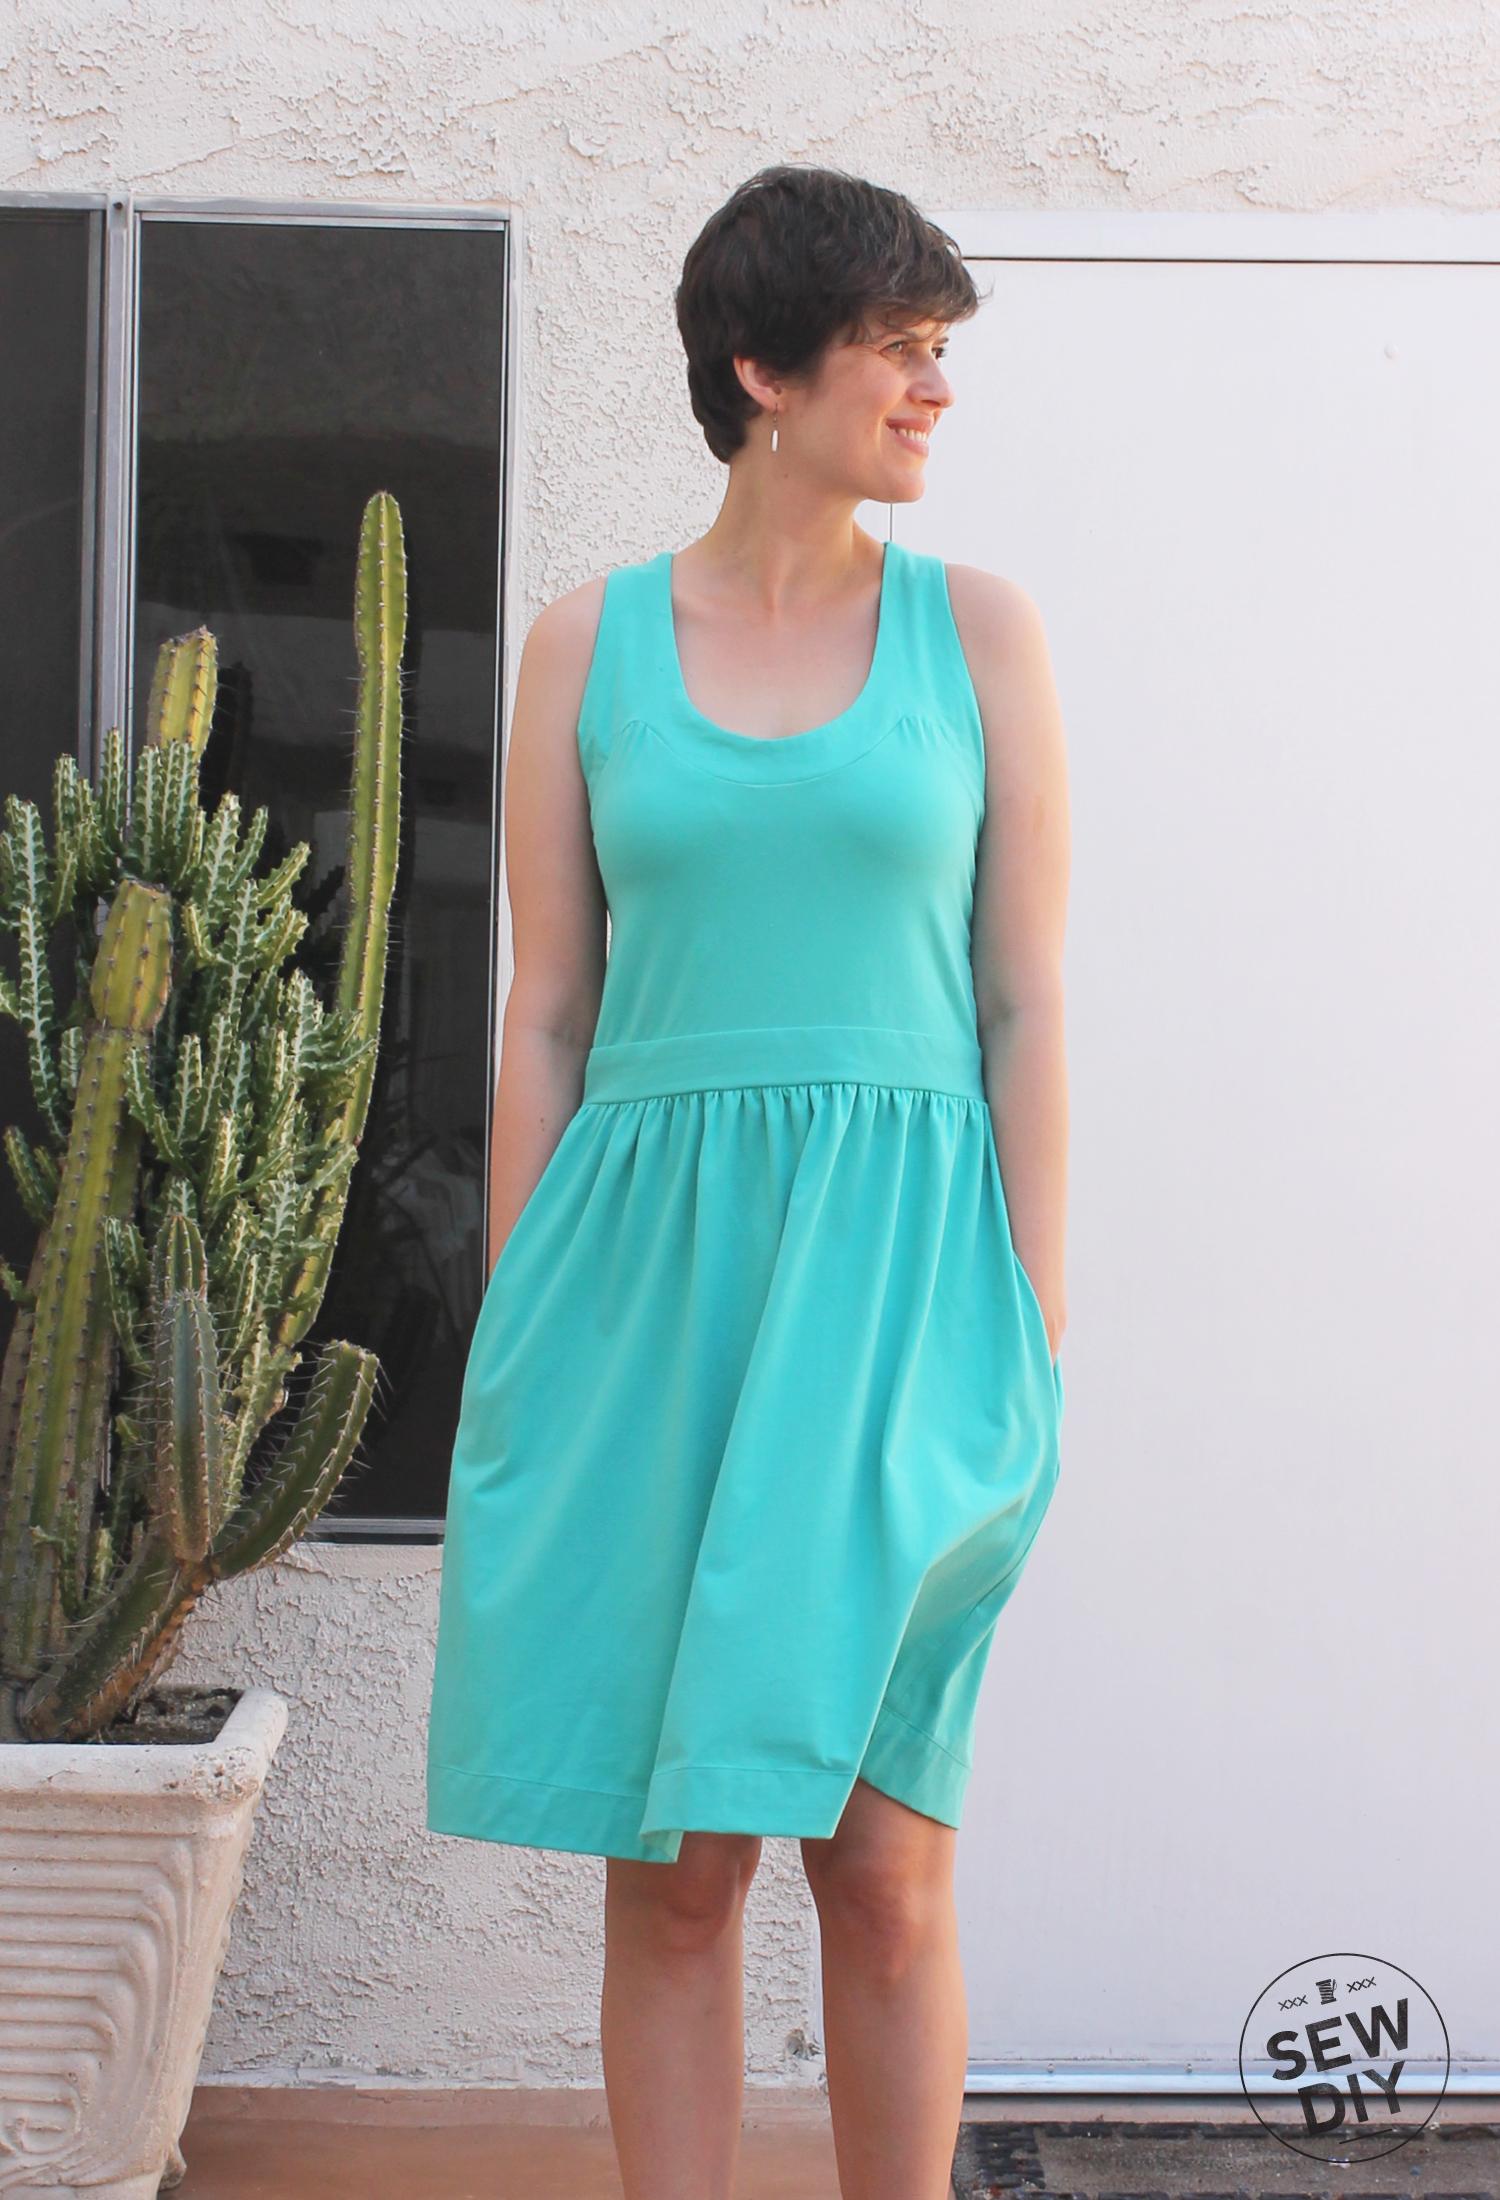 Teal Racerback Knit Dress Simplicity 2443 – Sew DIY